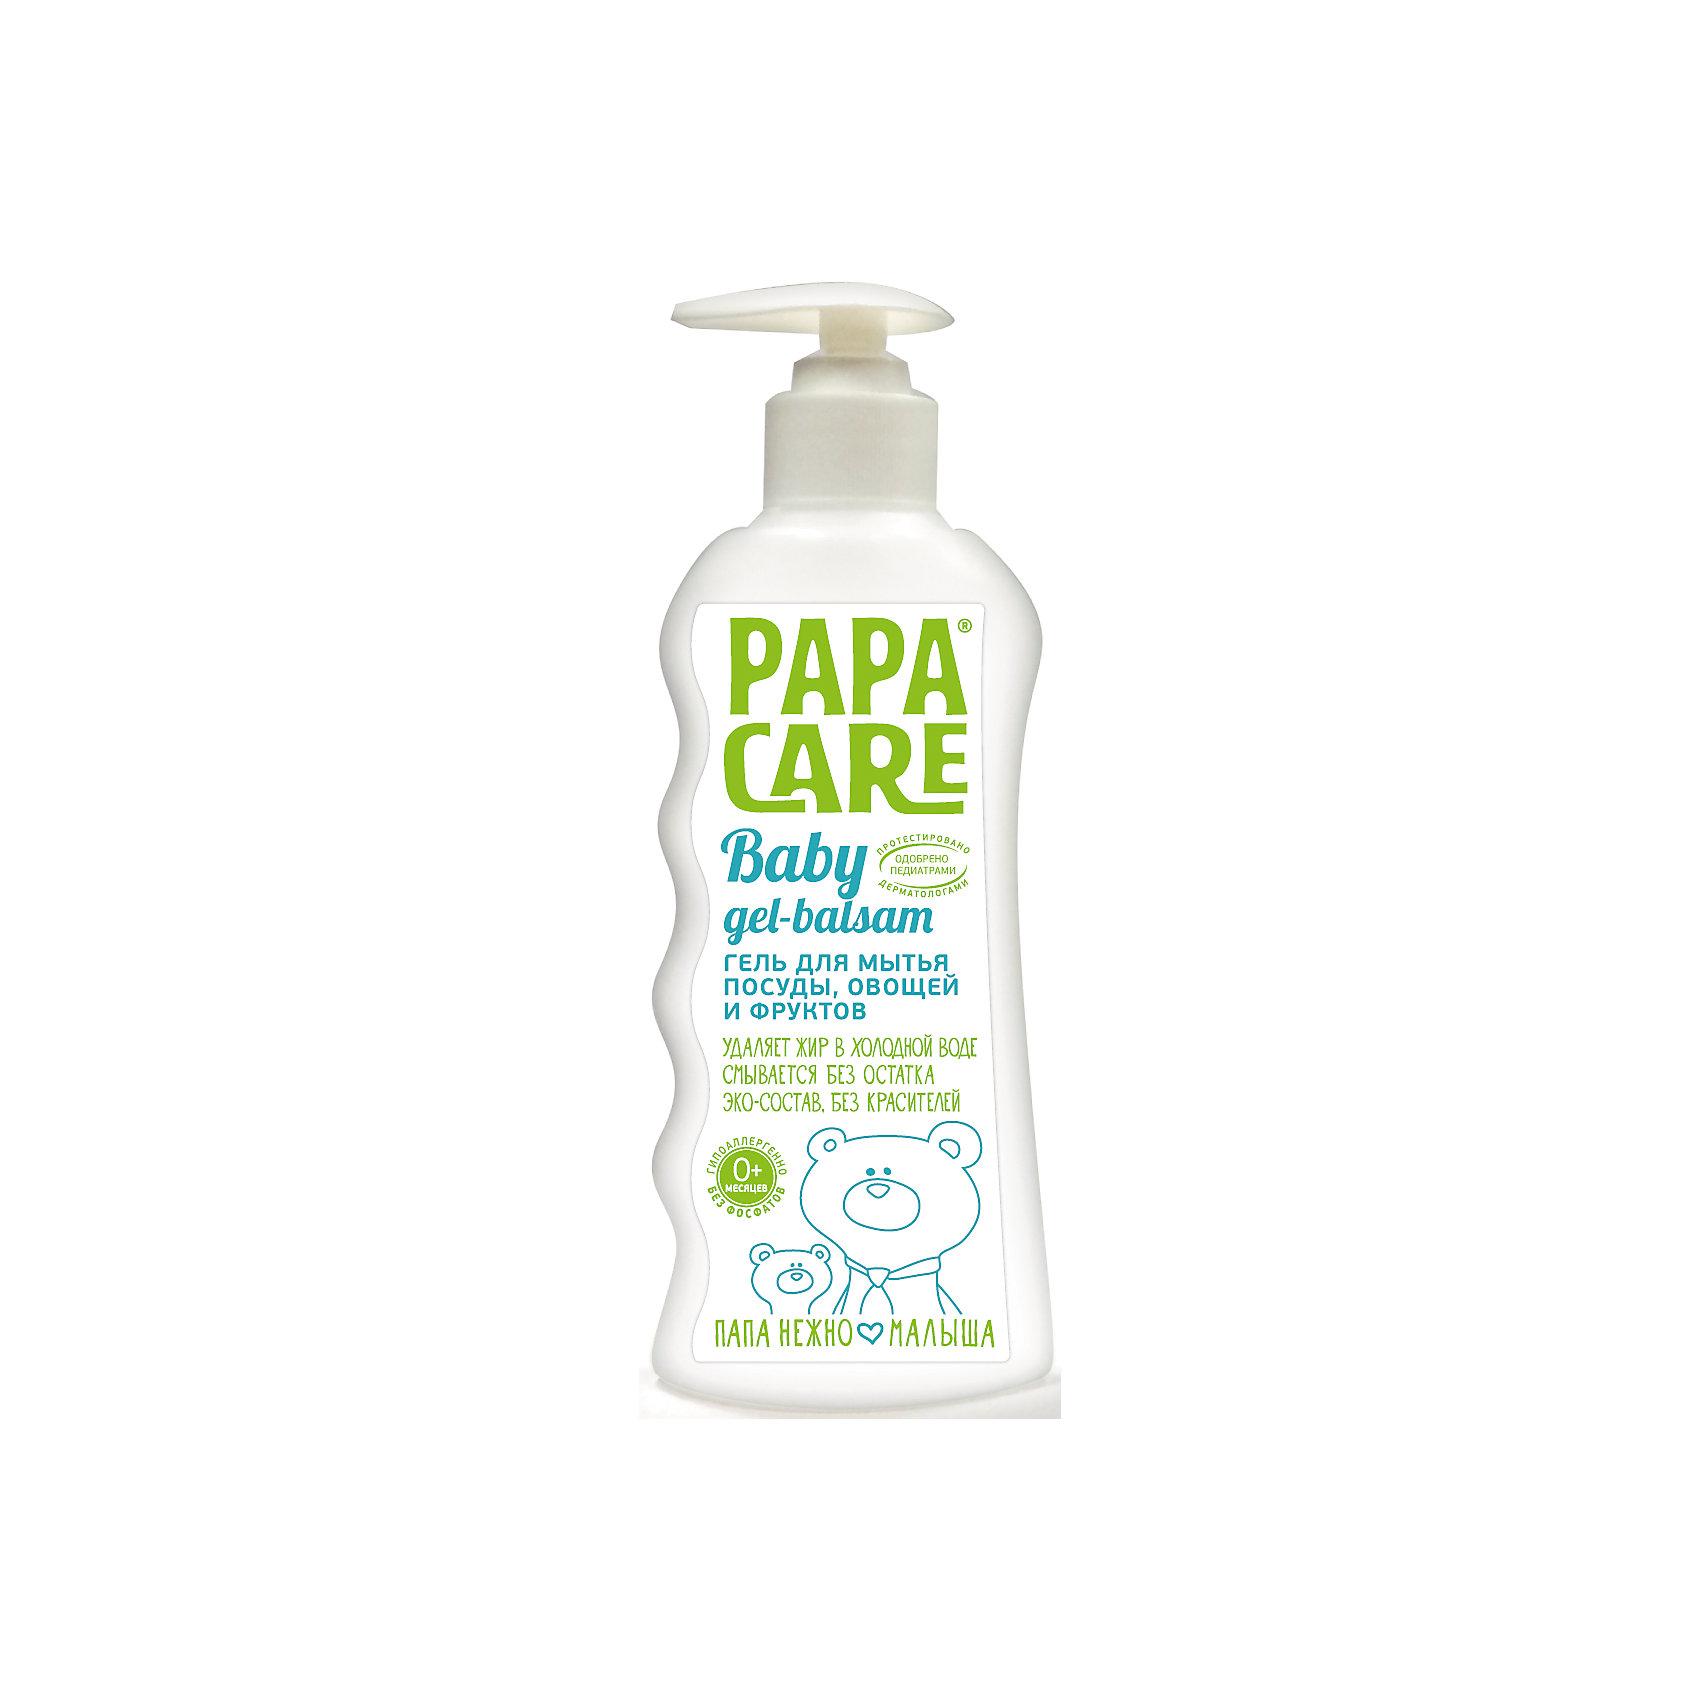 Гель для мытья детской посуды, PapaCare, 500 мл.Гель для мытья посуды (500 мл.), Papa Care<br> <br>Гель предназначен для мытья детской посуды и аксессуаров для кормления (бутылочек, сосок, поильников), также рекомендован для мытья фруктов и овощей. Инновационная формула с биологически активными натуральными компонентами эффективно удаляет пищевые загрязнения и жир даже в холодной воде, смывает следы парафина и воска с овощей и фруктов. Мягкая формула с экстрактом хлопка и алоэ вера ухаживает за руками.<br> <br>- Удаляет жир даже в холодной воде<br>- Смывается без остатка, не оставляет следов и запаха на посуде, овощах и фруктах.<br>- Не раздражает кожу рук. Содержит натуральные экстракты<br>- Эко-состав, без красителей. Биоразлагаемая формула<br>- Клинически протестировано.<br>- Гипоаллергенно.   <br>- Нейтральный уровень pH.<br>- Не содержит хлора, фосфатов, оптических отбеливателей, красителей, аллергенных отдушек.<br> <br>Способ применения: нанесите небольшое колличество средств на губку, удалите загрязнение и ополосните водой. Для мытья фруктов и овощей разбавьте средство чистой водой, погрузите овощи и фрукты на 3 мин., затем ополосните их кипяченой водой.<br><br>Ширина мм: 143<br>Глубина мм: 500<br>Высота мм: 60<br>Вес г: 500<br>Возраст от месяцев: -2147483648<br>Возраст до месяцев: 2147483647<br>Пол: Унисекс<br>Возраст: Детский<br>SKU: 4729905